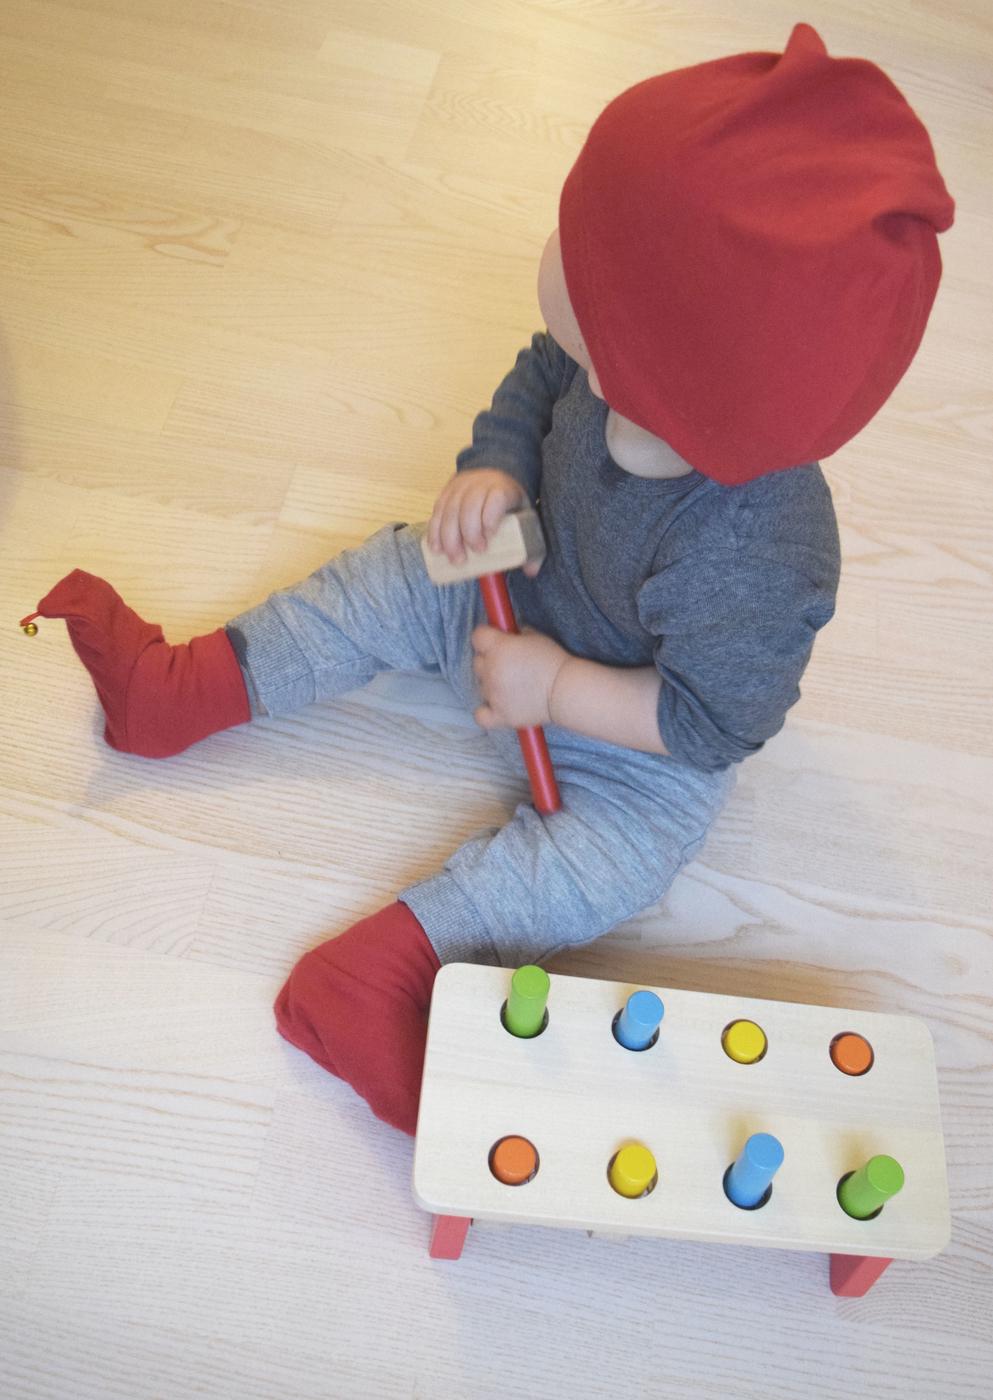 vauva leikkii5.jpg